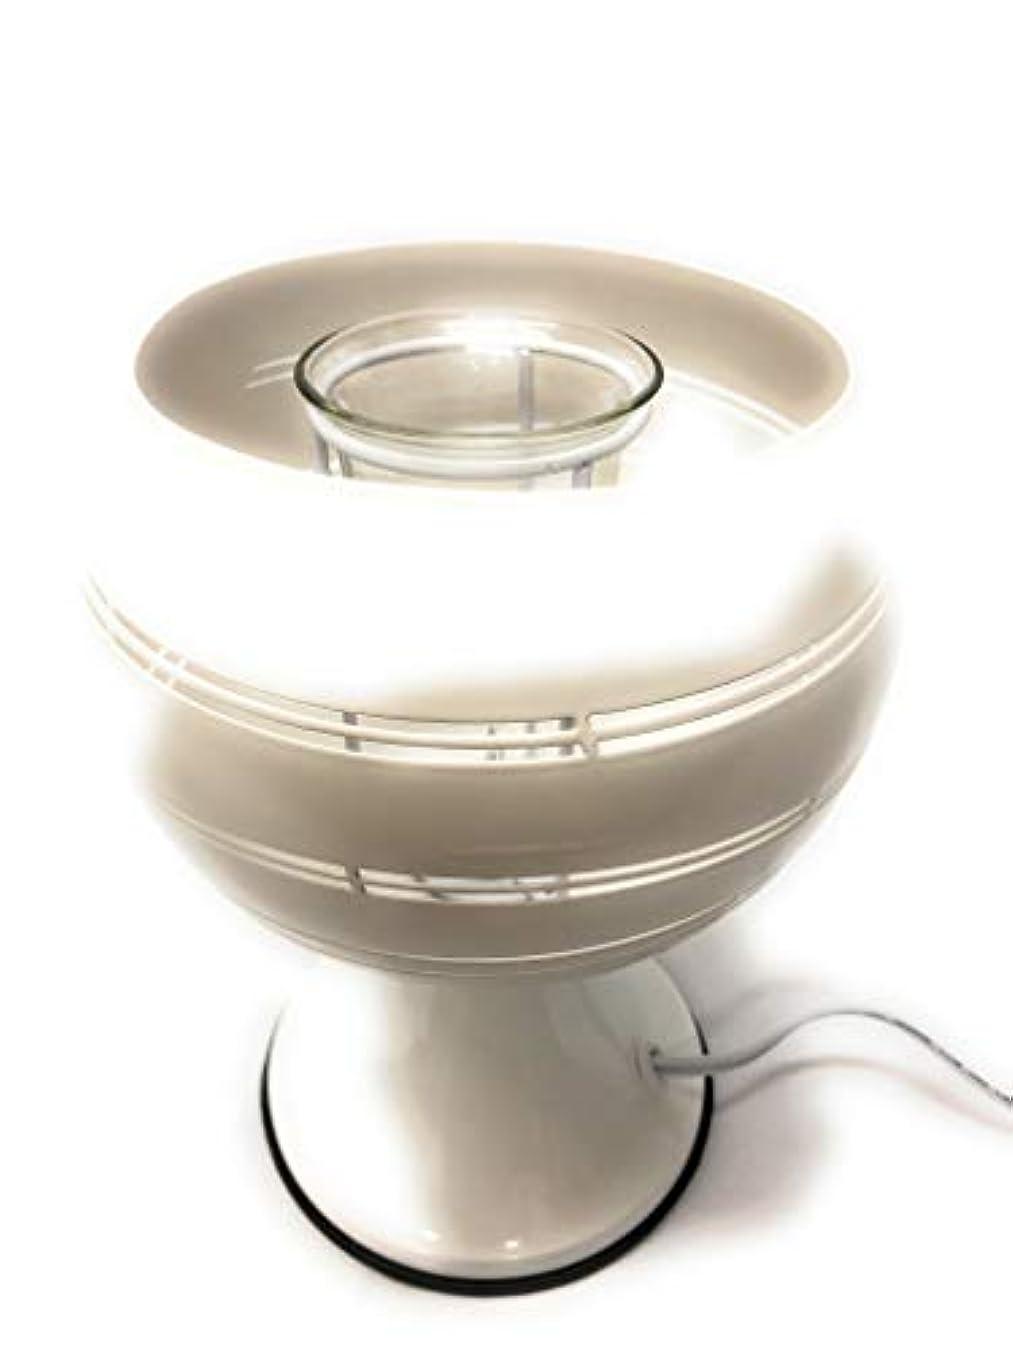 イチゴジュラシックパーク太鼓腹Electricアロマランプまたは香りBurner with 35 Wハロゲン電球、非表示ボウル&ディマースイッチ。